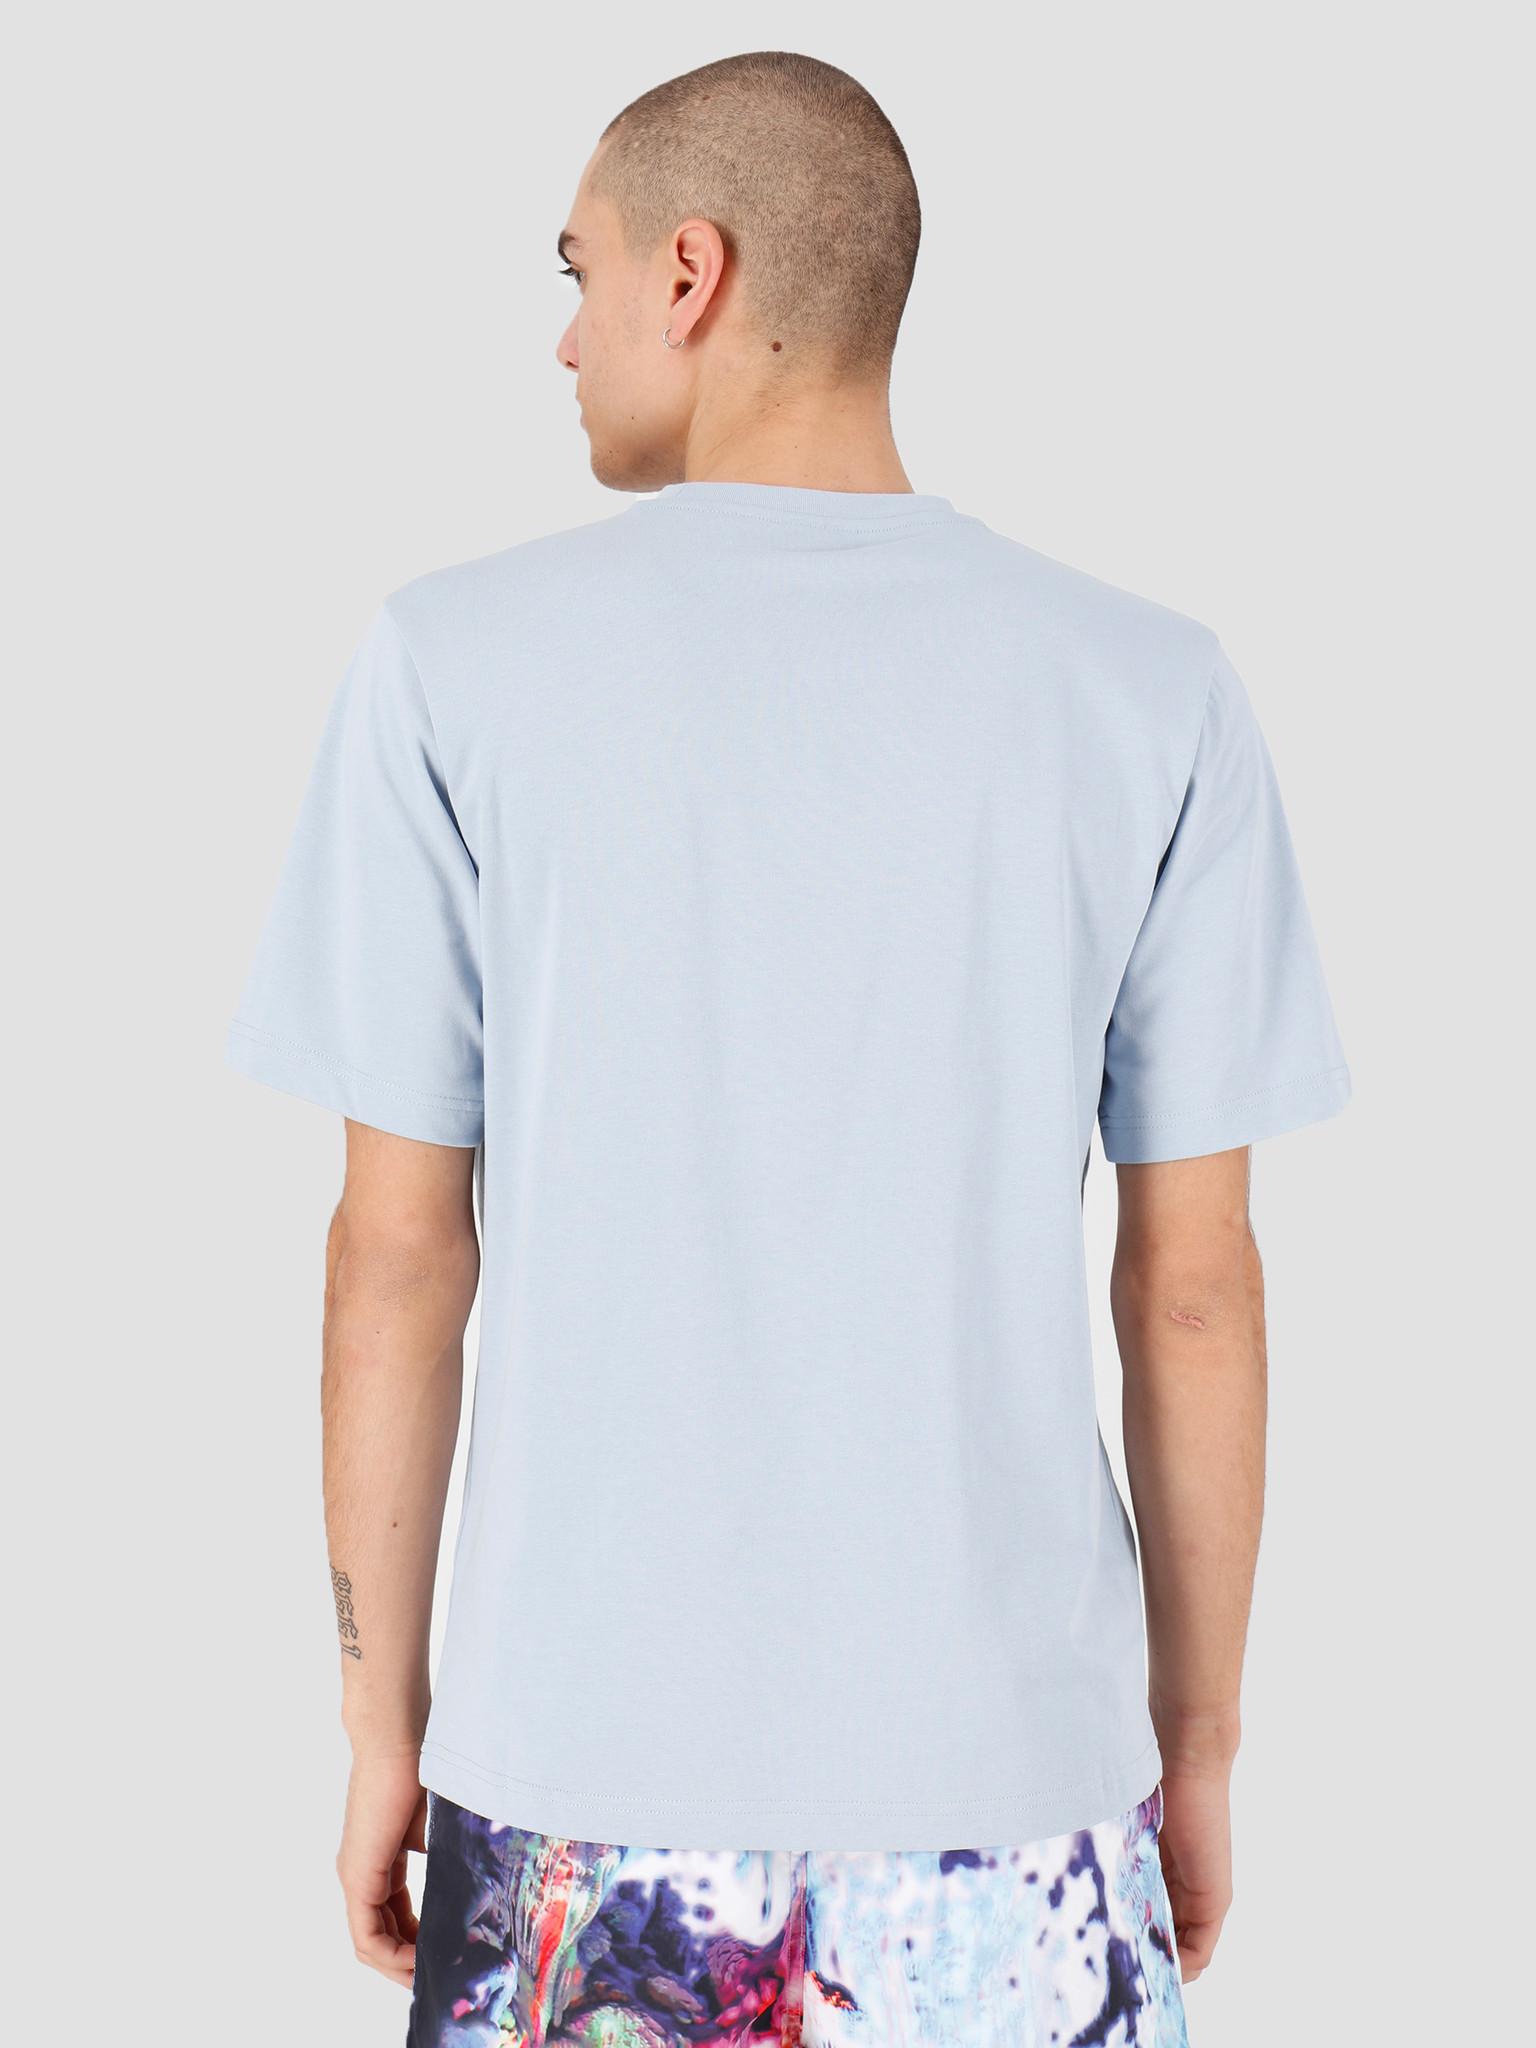 Daily Paper Daily Paper Henken T-shirt Kentucky Blue 20S1TS17-01